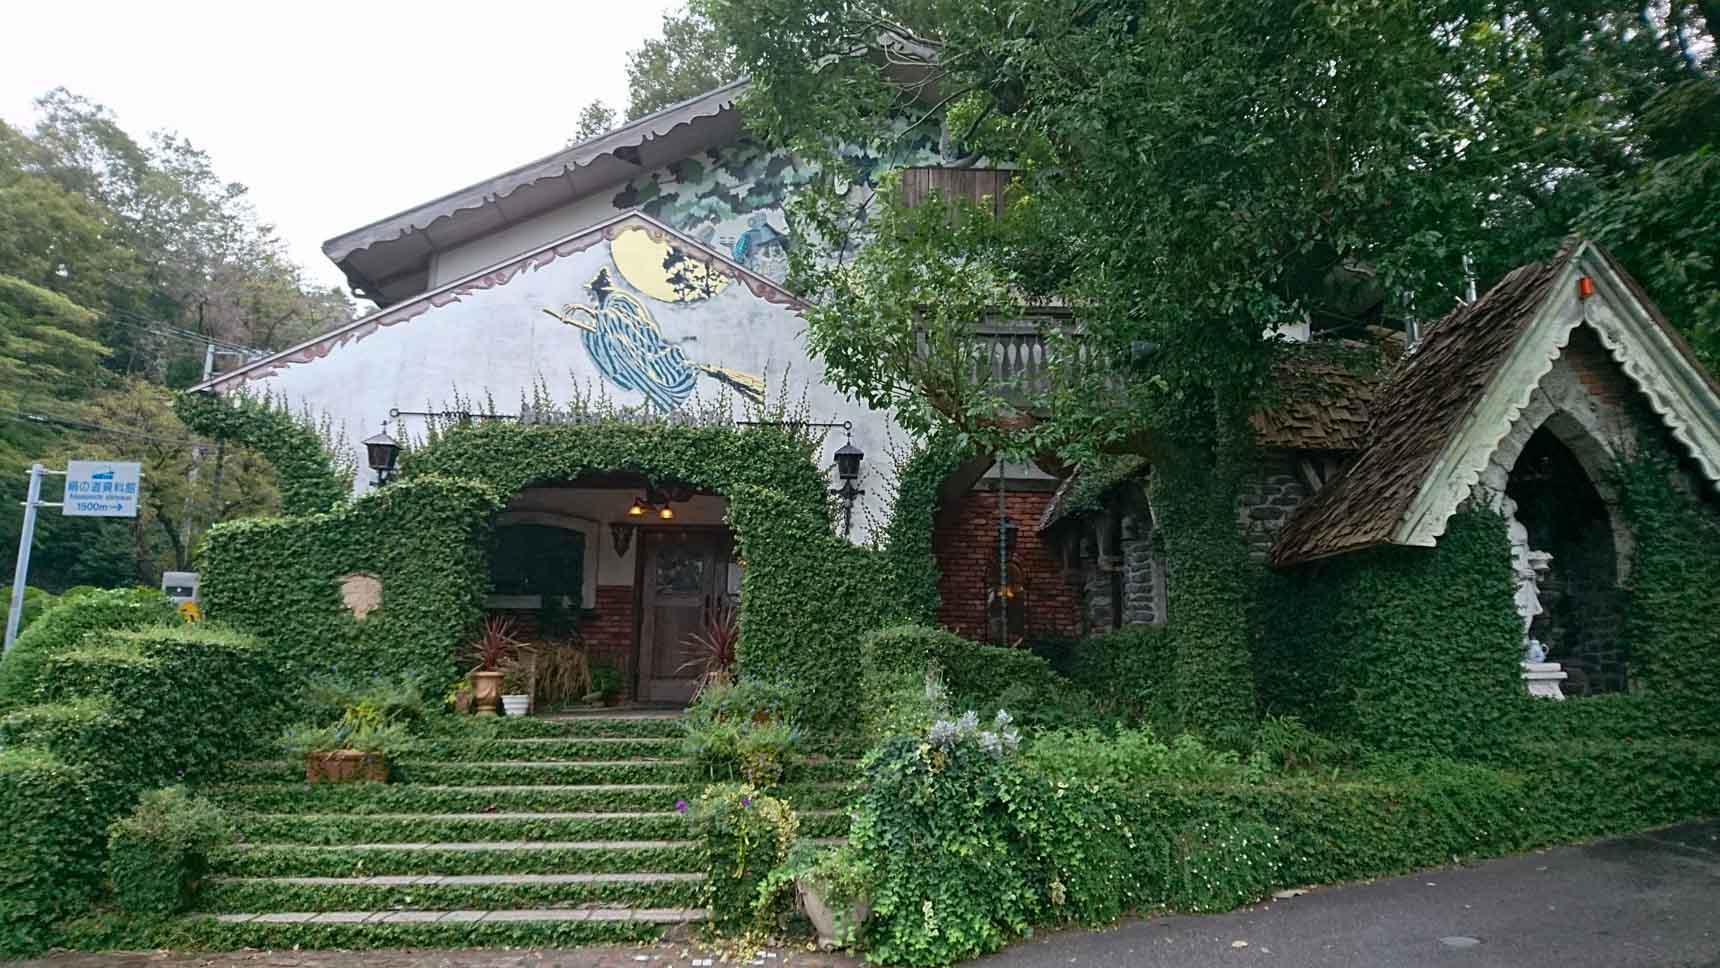 八王子の森に佇む中世貴族のお城のようなカフェ『パペルブルグ』